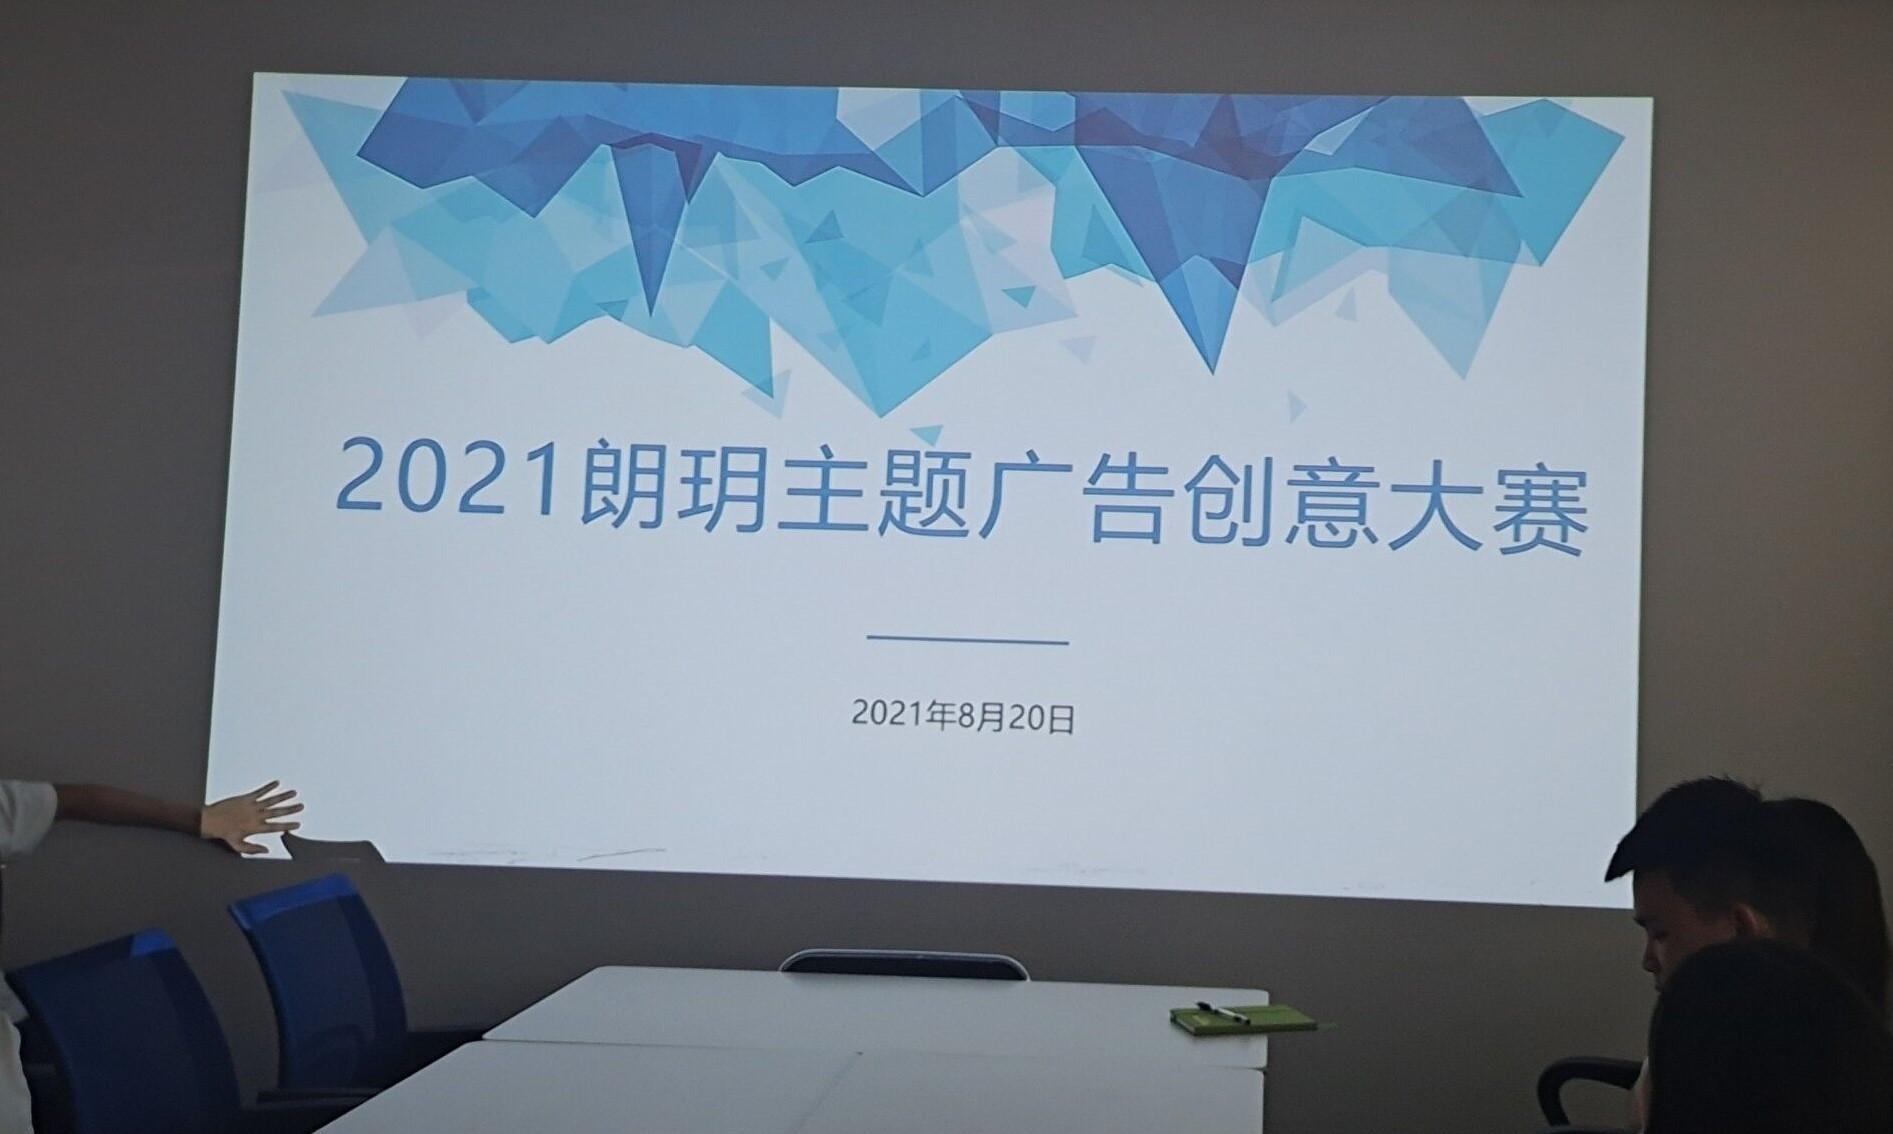 庆祝2021朗玥广告创意大赛圆满举行